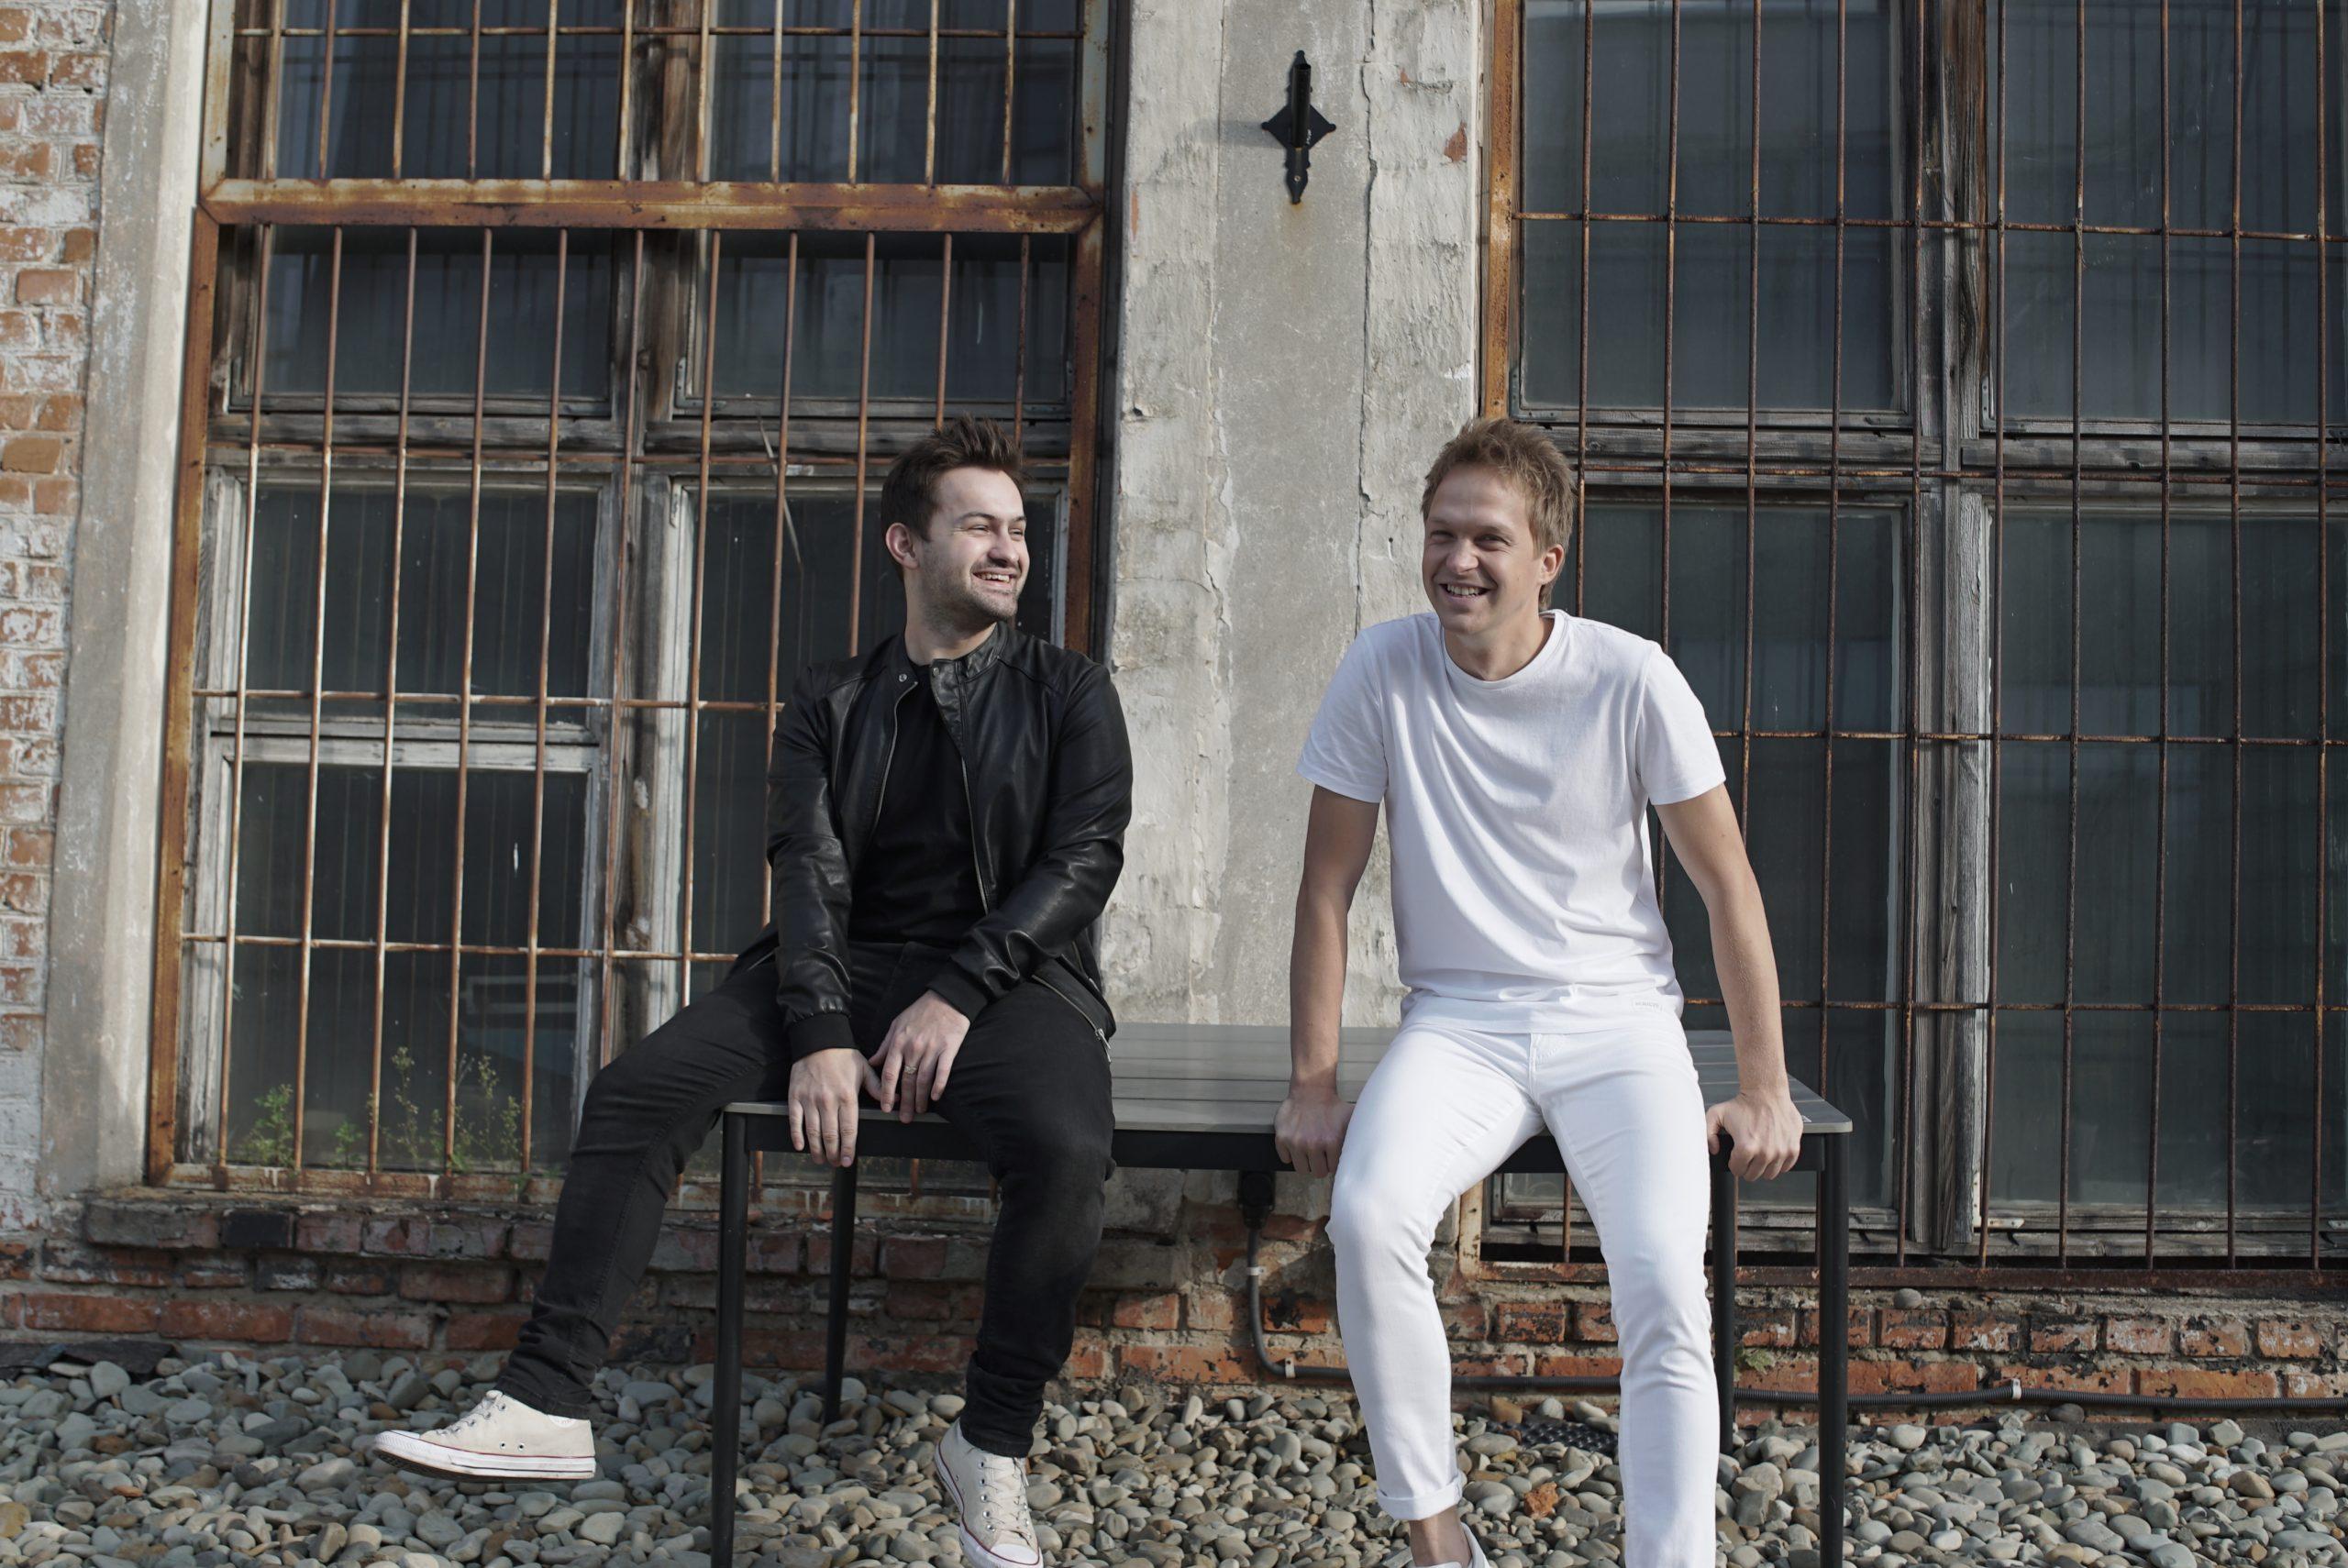 """Oleg Novosad підписав угоду з європейським лейблом та разом з Ігорем Грохоцьким випустив спільну роботу під назвою """"Tududum"""""""